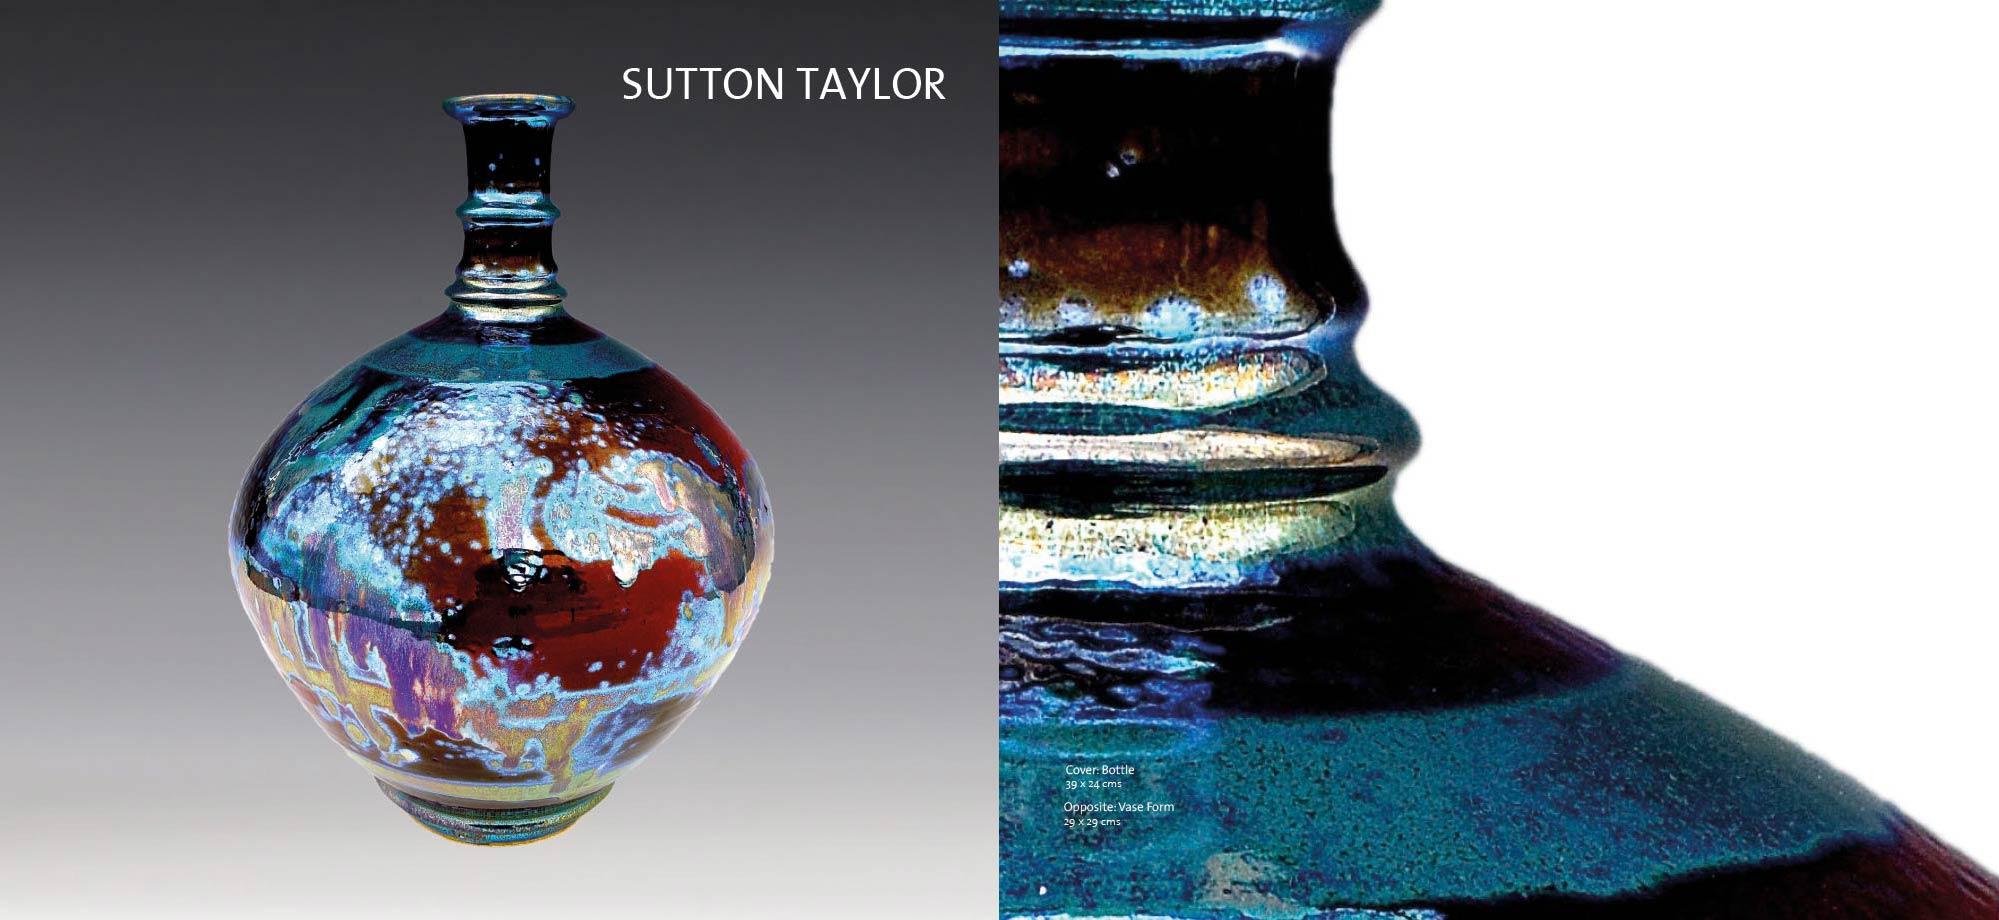 Sutton Taylor Alchemy publication image